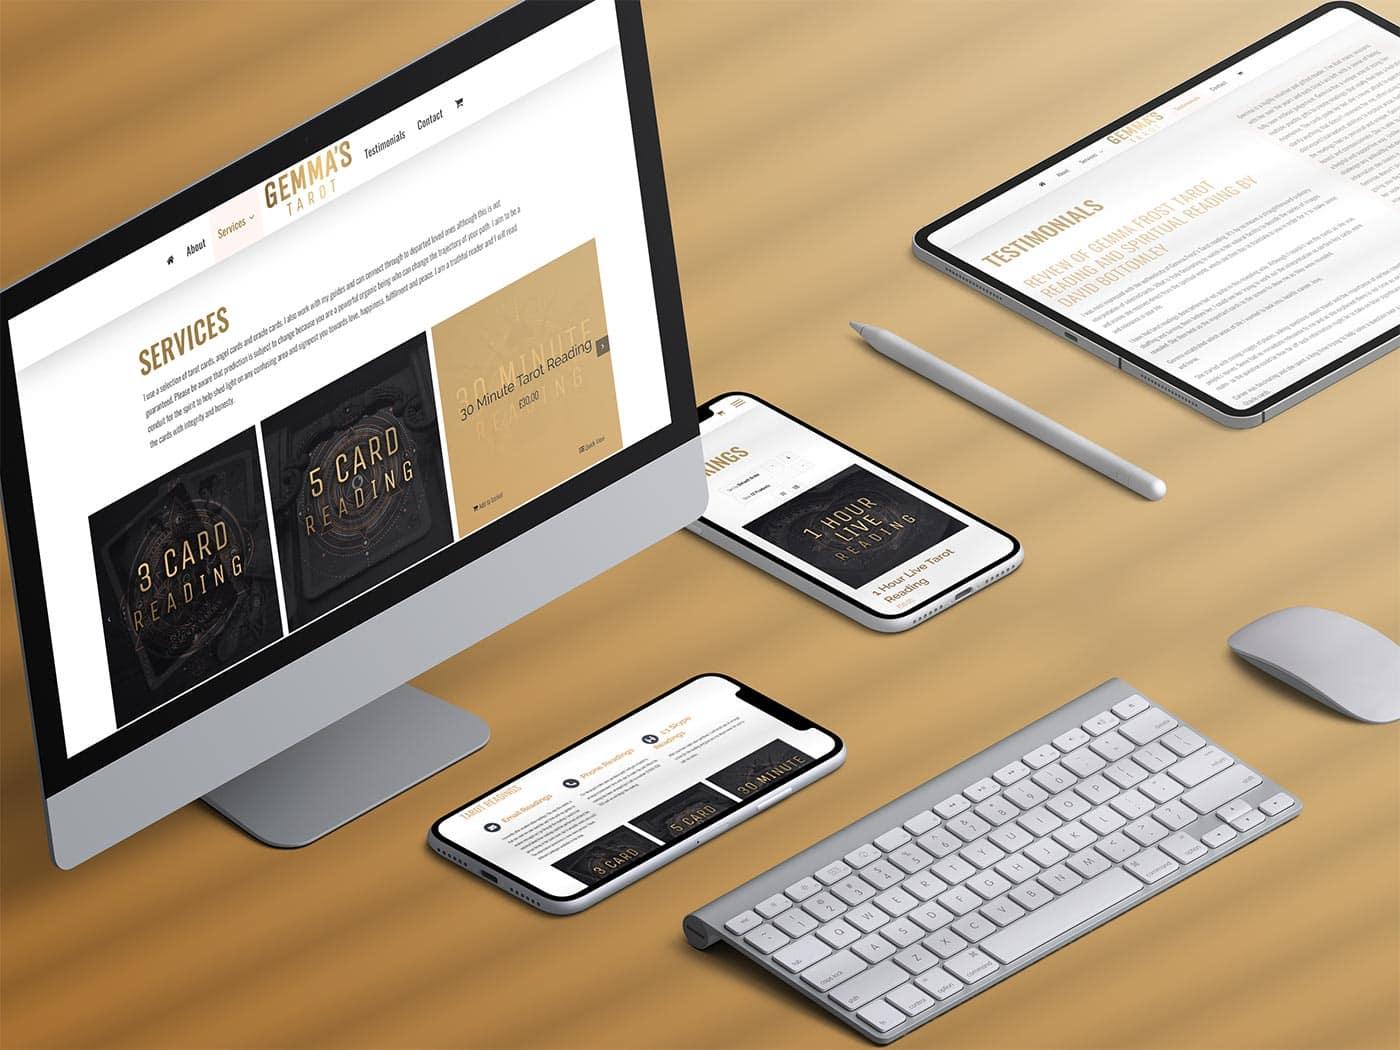 Spiritual Readings and Tarot Website Design